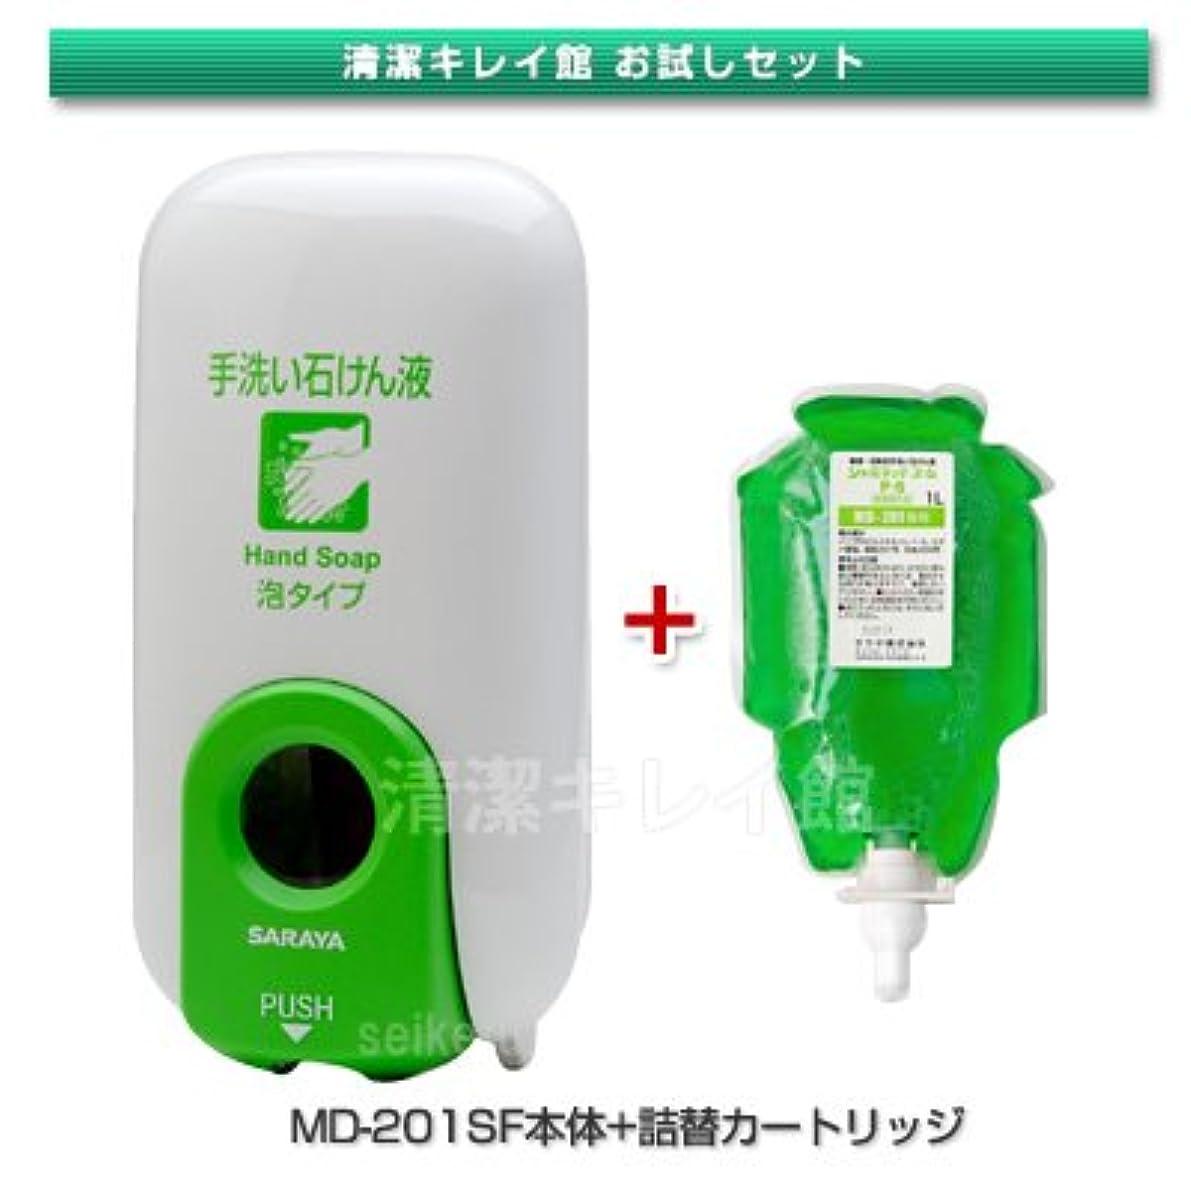 展開する合併ラジエーターサラヤ プッシュ式石鹸液 MD-201SF(泡)【清潔キレイ館お試しセット】(本体とカートリッジ/ユムP-5)